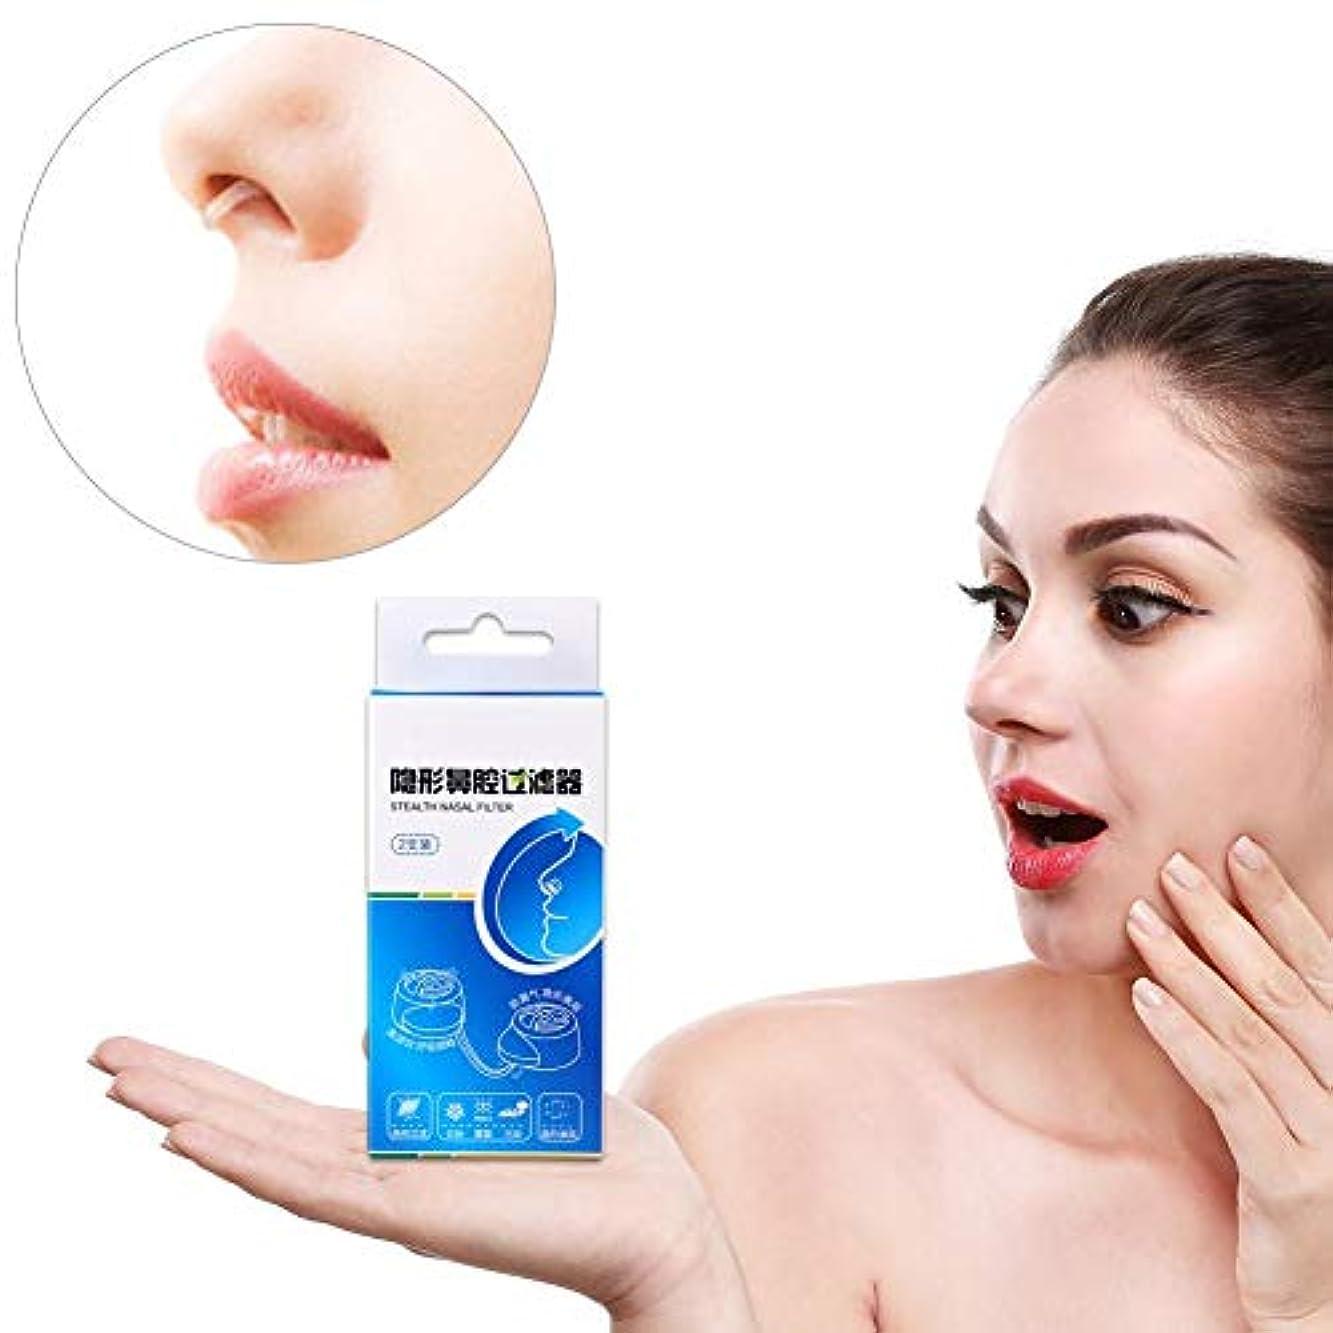 ネスト汚染された織る汚染PM2.5用ダストフリッター鼻カバーマスク、花粉ペットの毛を防ぐための容易な呼吸の空気清浄機自動車排気ケア体屋外(2 pcs 17 set filter)